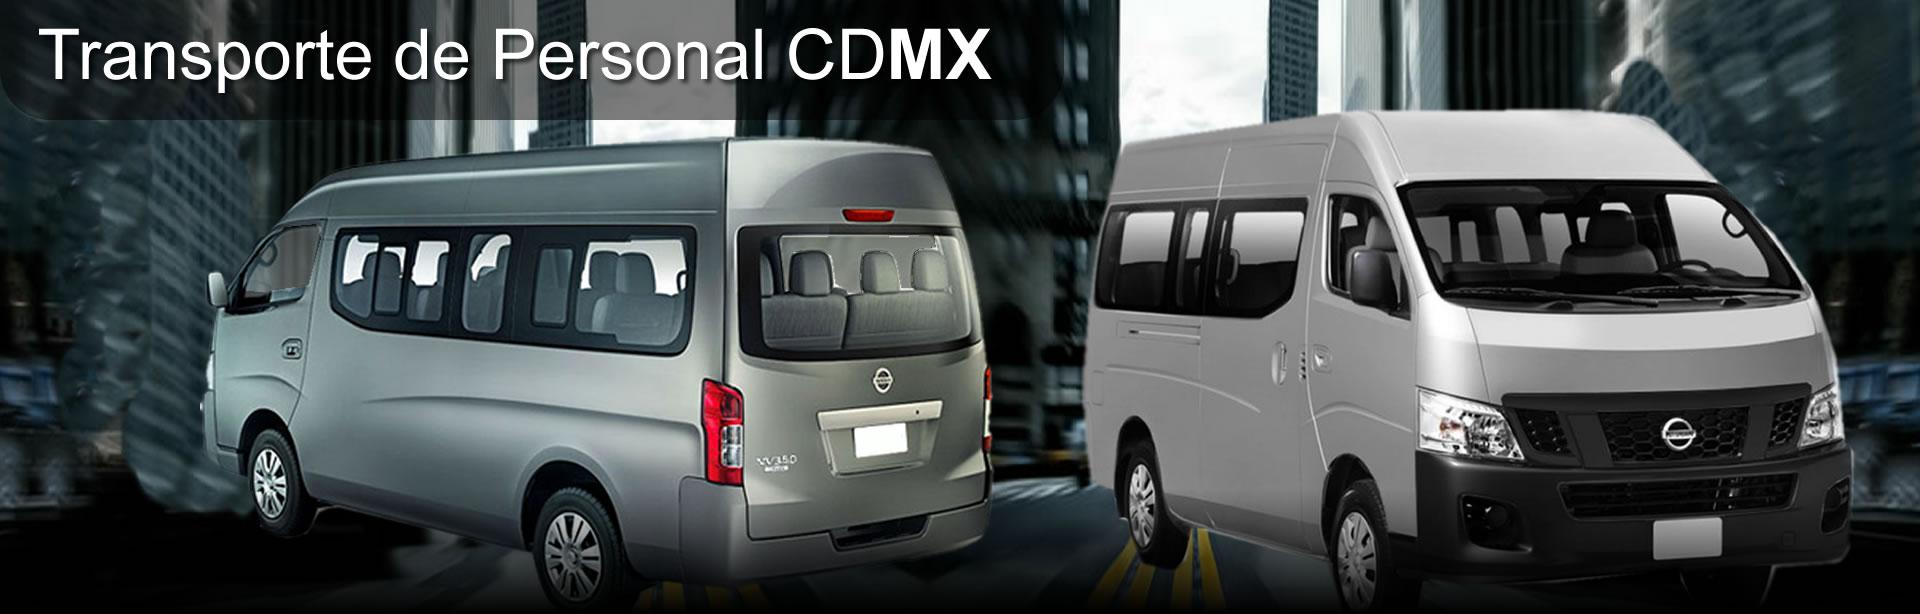 Taxi ejecutivo cdmx m xico transporte de personal renta - Servicio de transporte ...